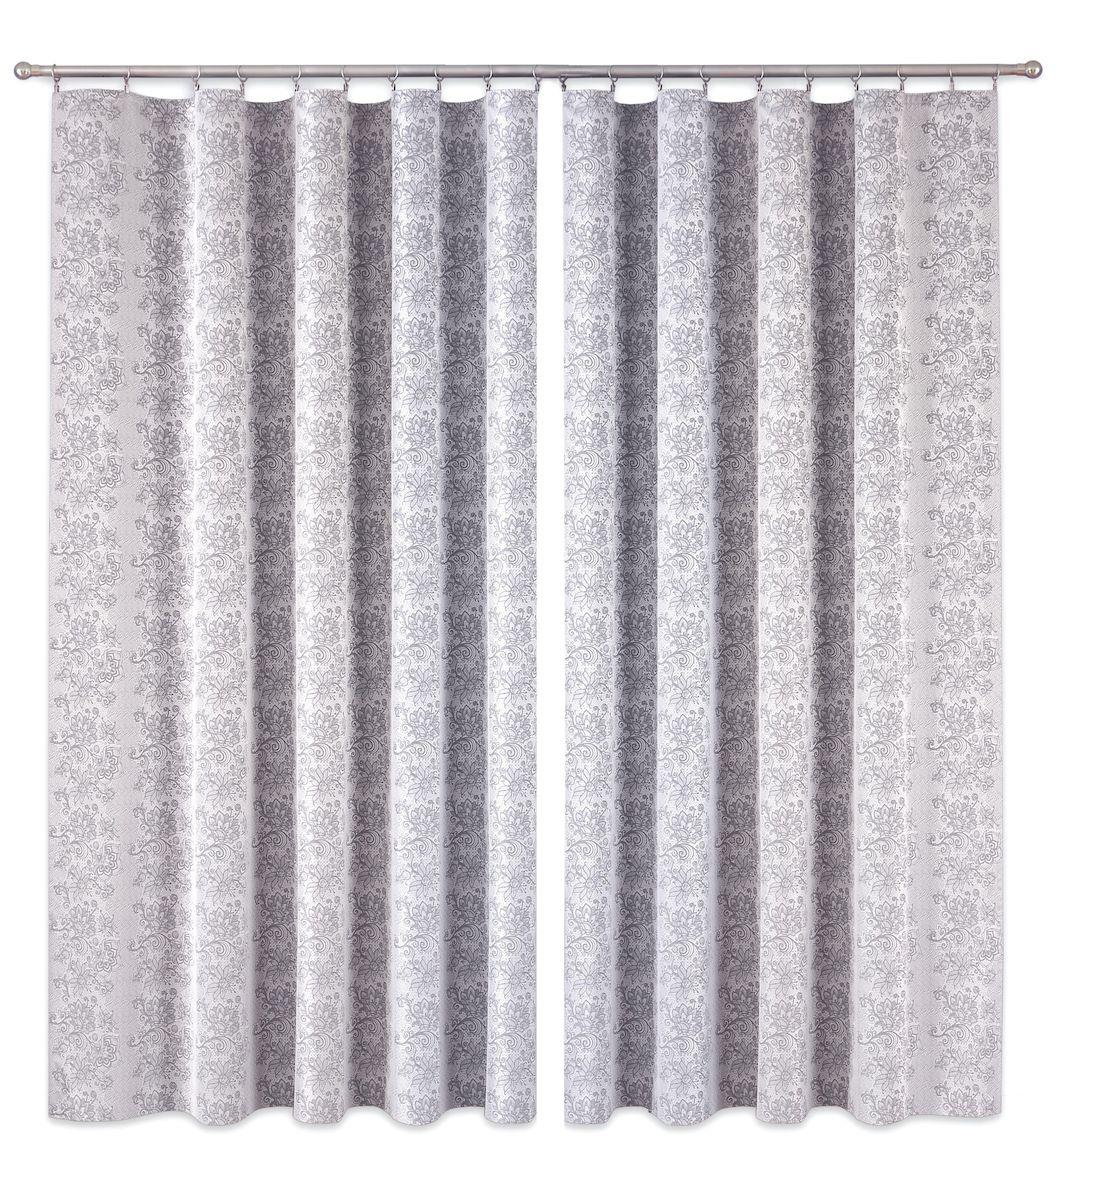 Комплект штор P Primavera Firany, цвет: серый, высота 250 см. 1110018956251325Комплект шториз полиэстровой жаккардовой ткани с пришитой шторнойлентой. Размер - ширина 180 см высота 250см. Набор 2 штуки. Цвет серый.Размер: ширина 180 х высота 250